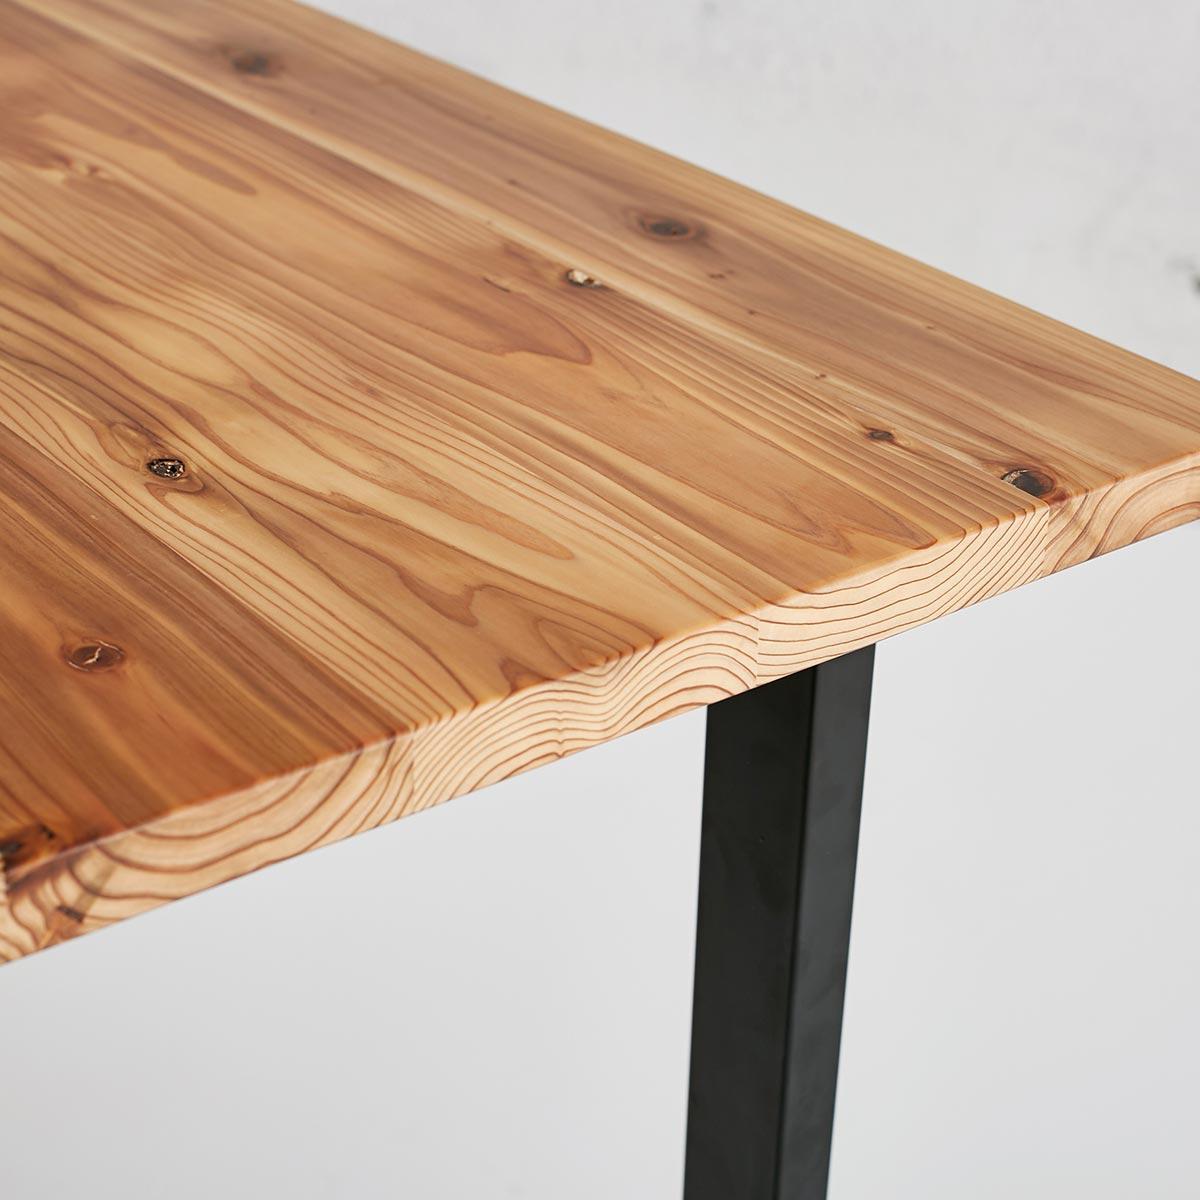 素材感を活かす - 無垢材の木肌がもつ温もりや木目の美しさ、無垢鉄のもつ金属の質感や重厚感など、かなでものでは、その素材がもつ質感を最大限に活かすために、ひとつひとつの加工の工程にこだわり、さらに丁寧な職人の技術を以って、納得のいくプロダクトに仕上げています。